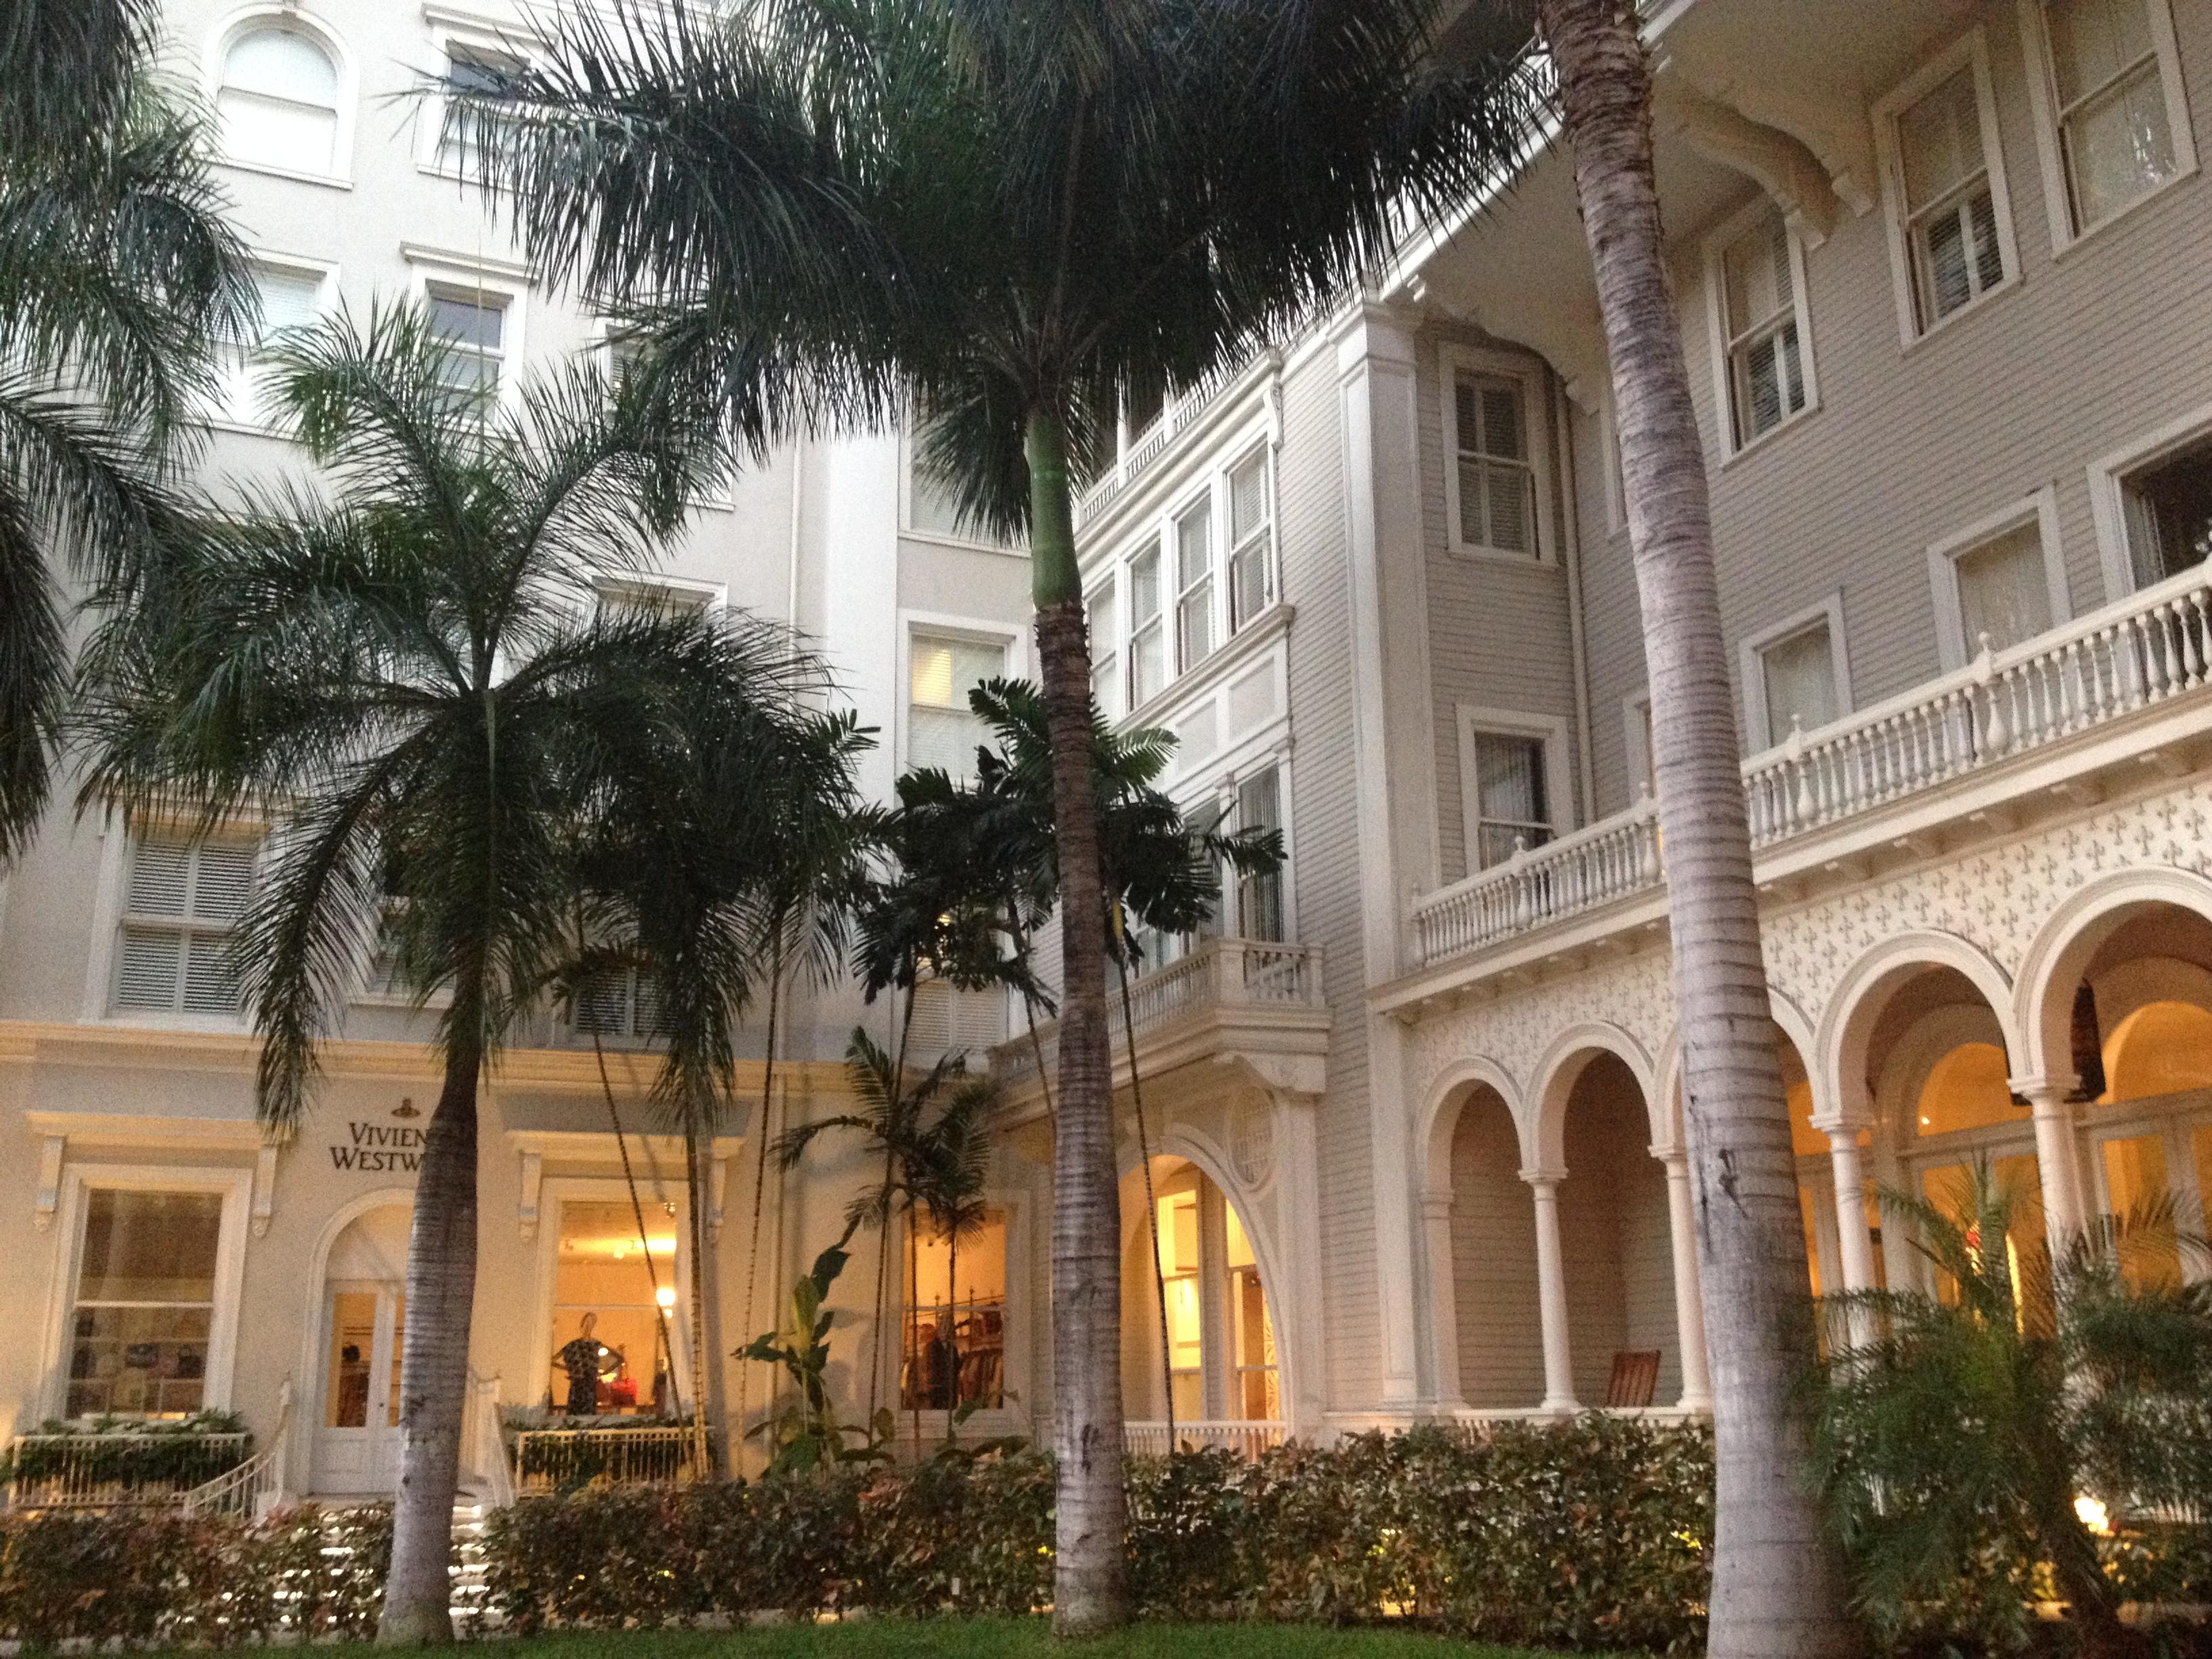 Best Hotel In Waikiki Moana Surfrider 171 5 Wheels To 5 Star